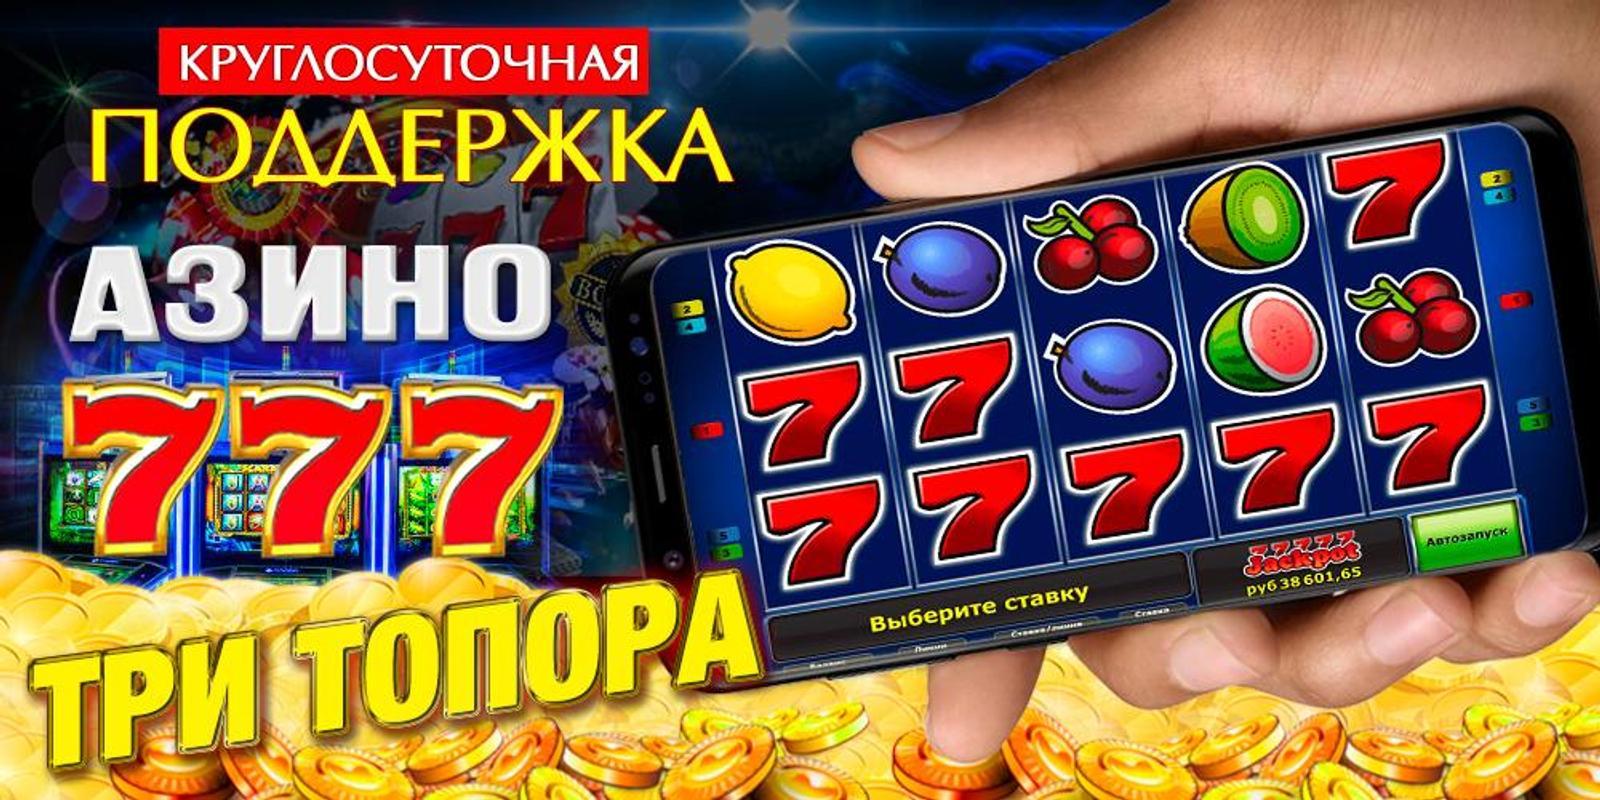 игровые автоматы азино777 играть без регистрации